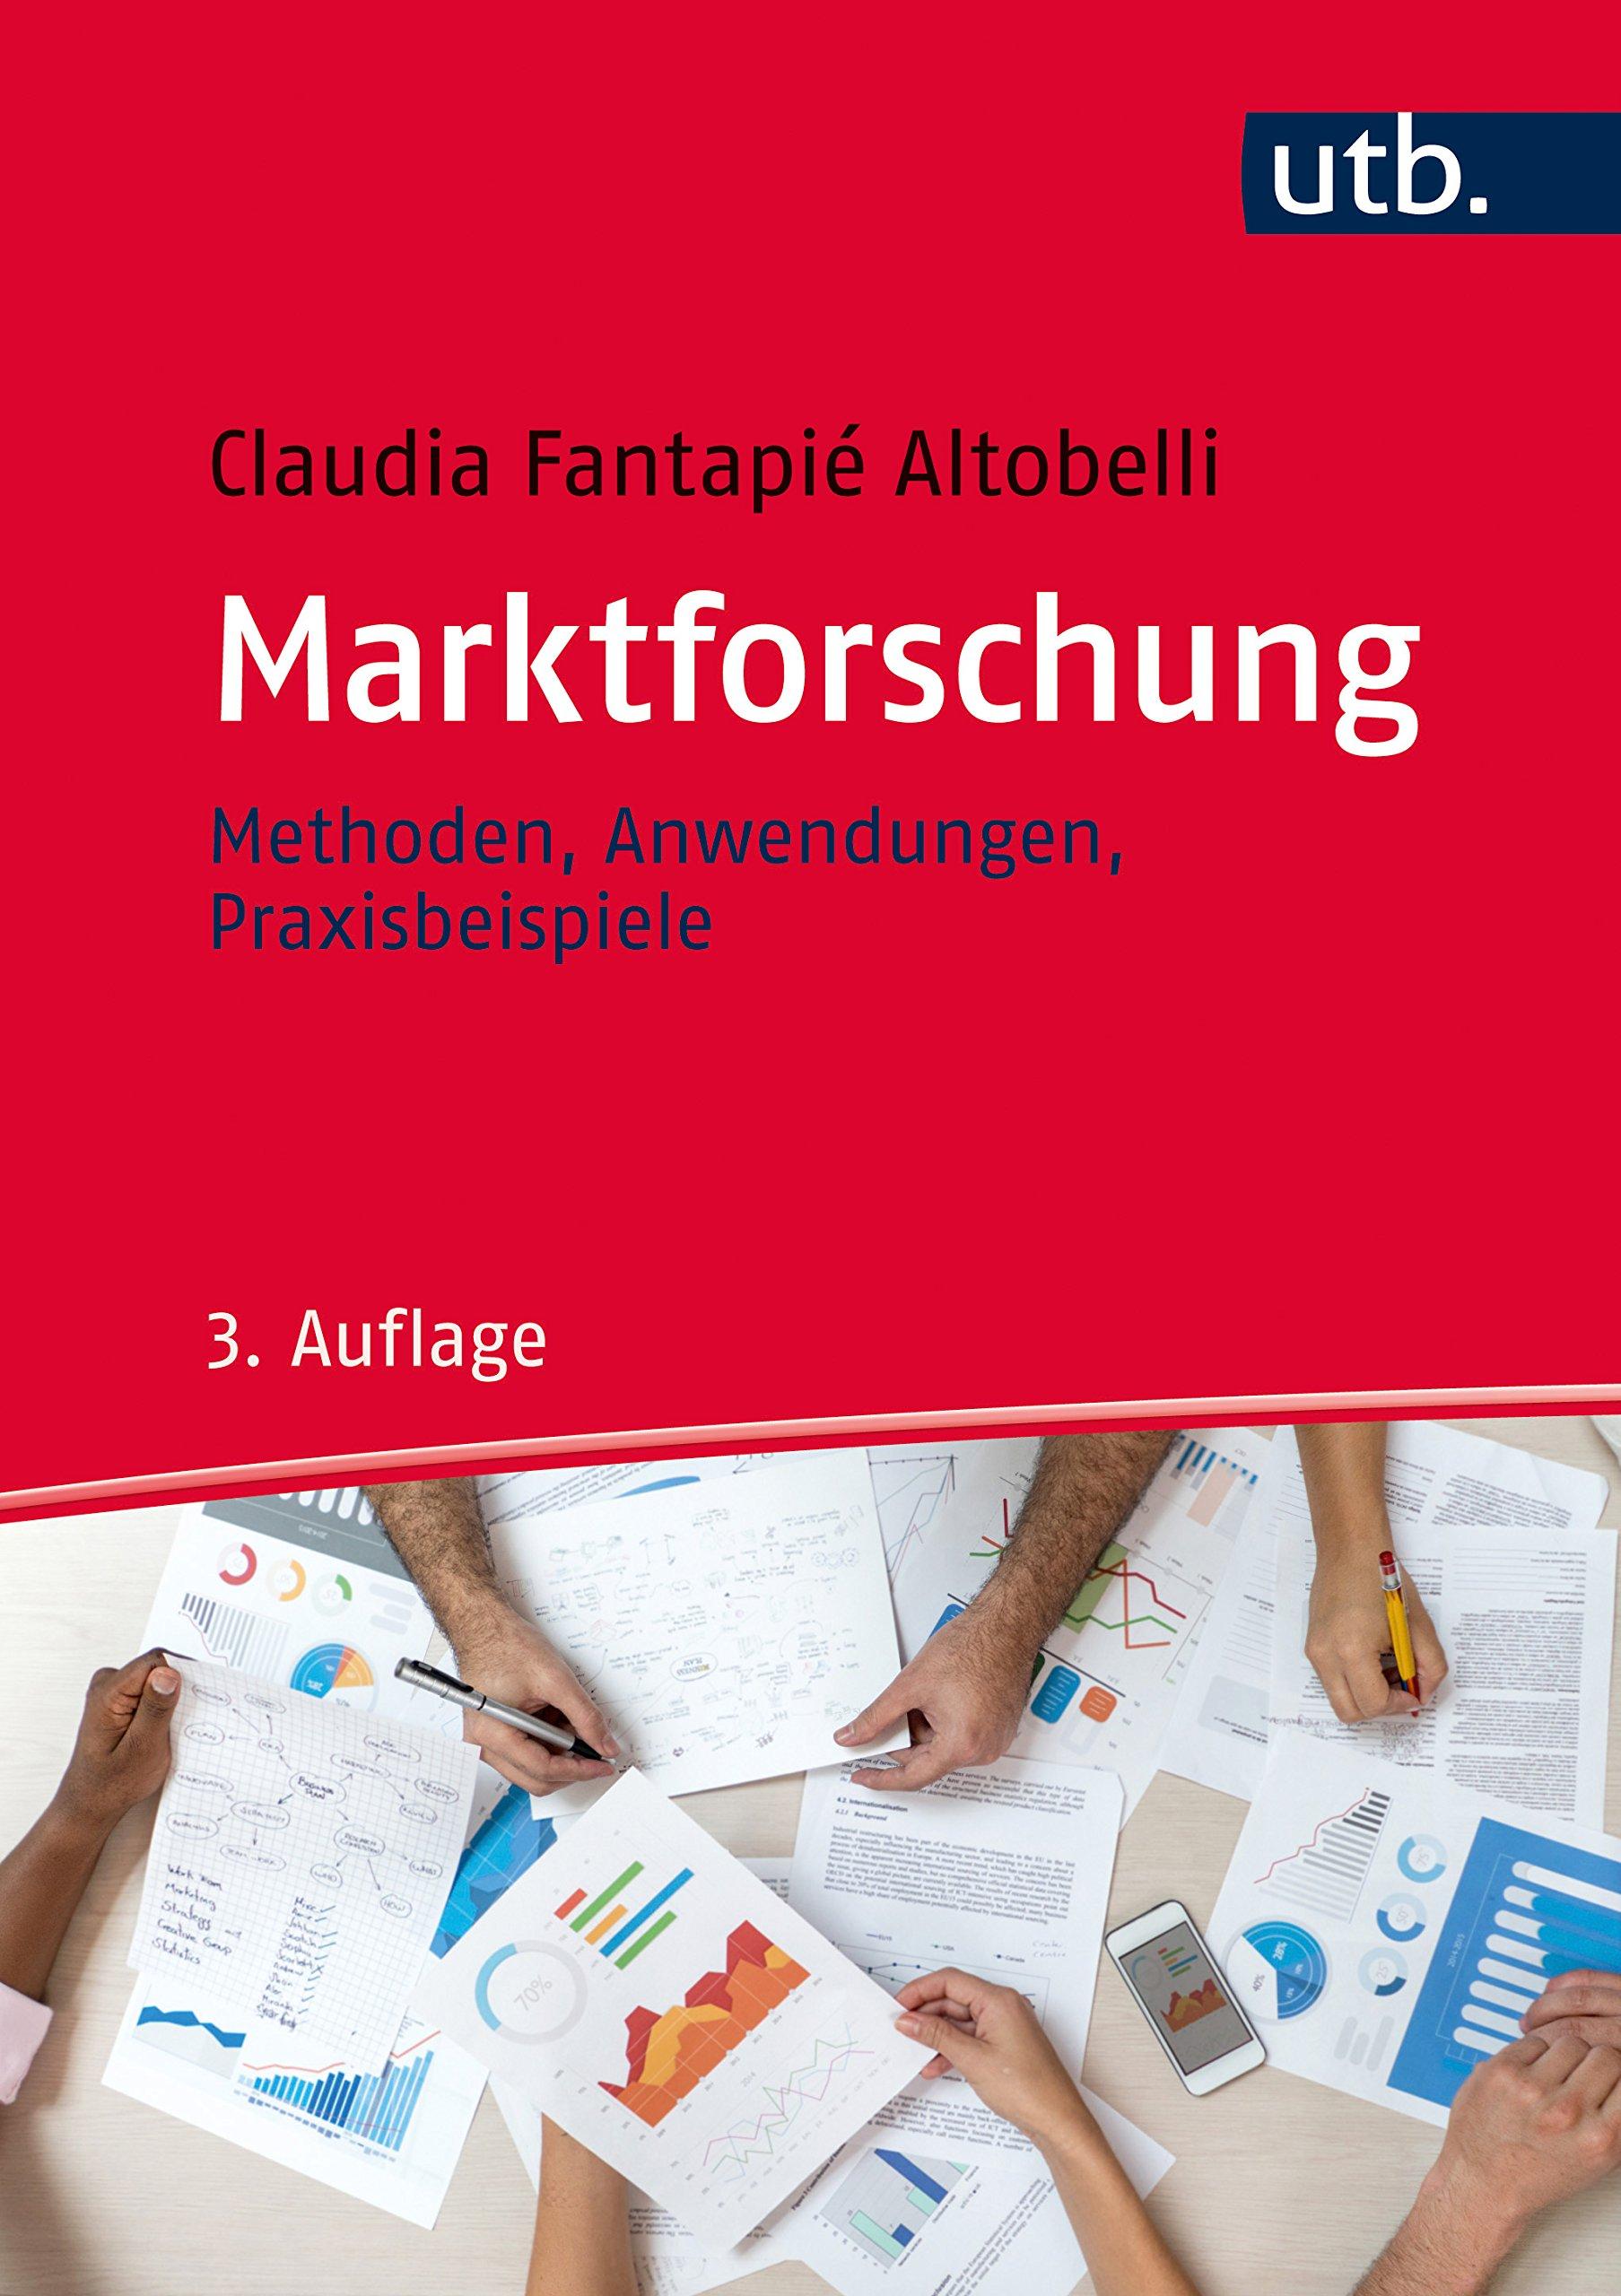 Marktforschung: Methoden - Anwendungen - Praxisbeispiele Taschenbuch – 15. Mai 2017 Claudia Fantapié Altobelli UTB GmbH 3825287211 Lehrbuch